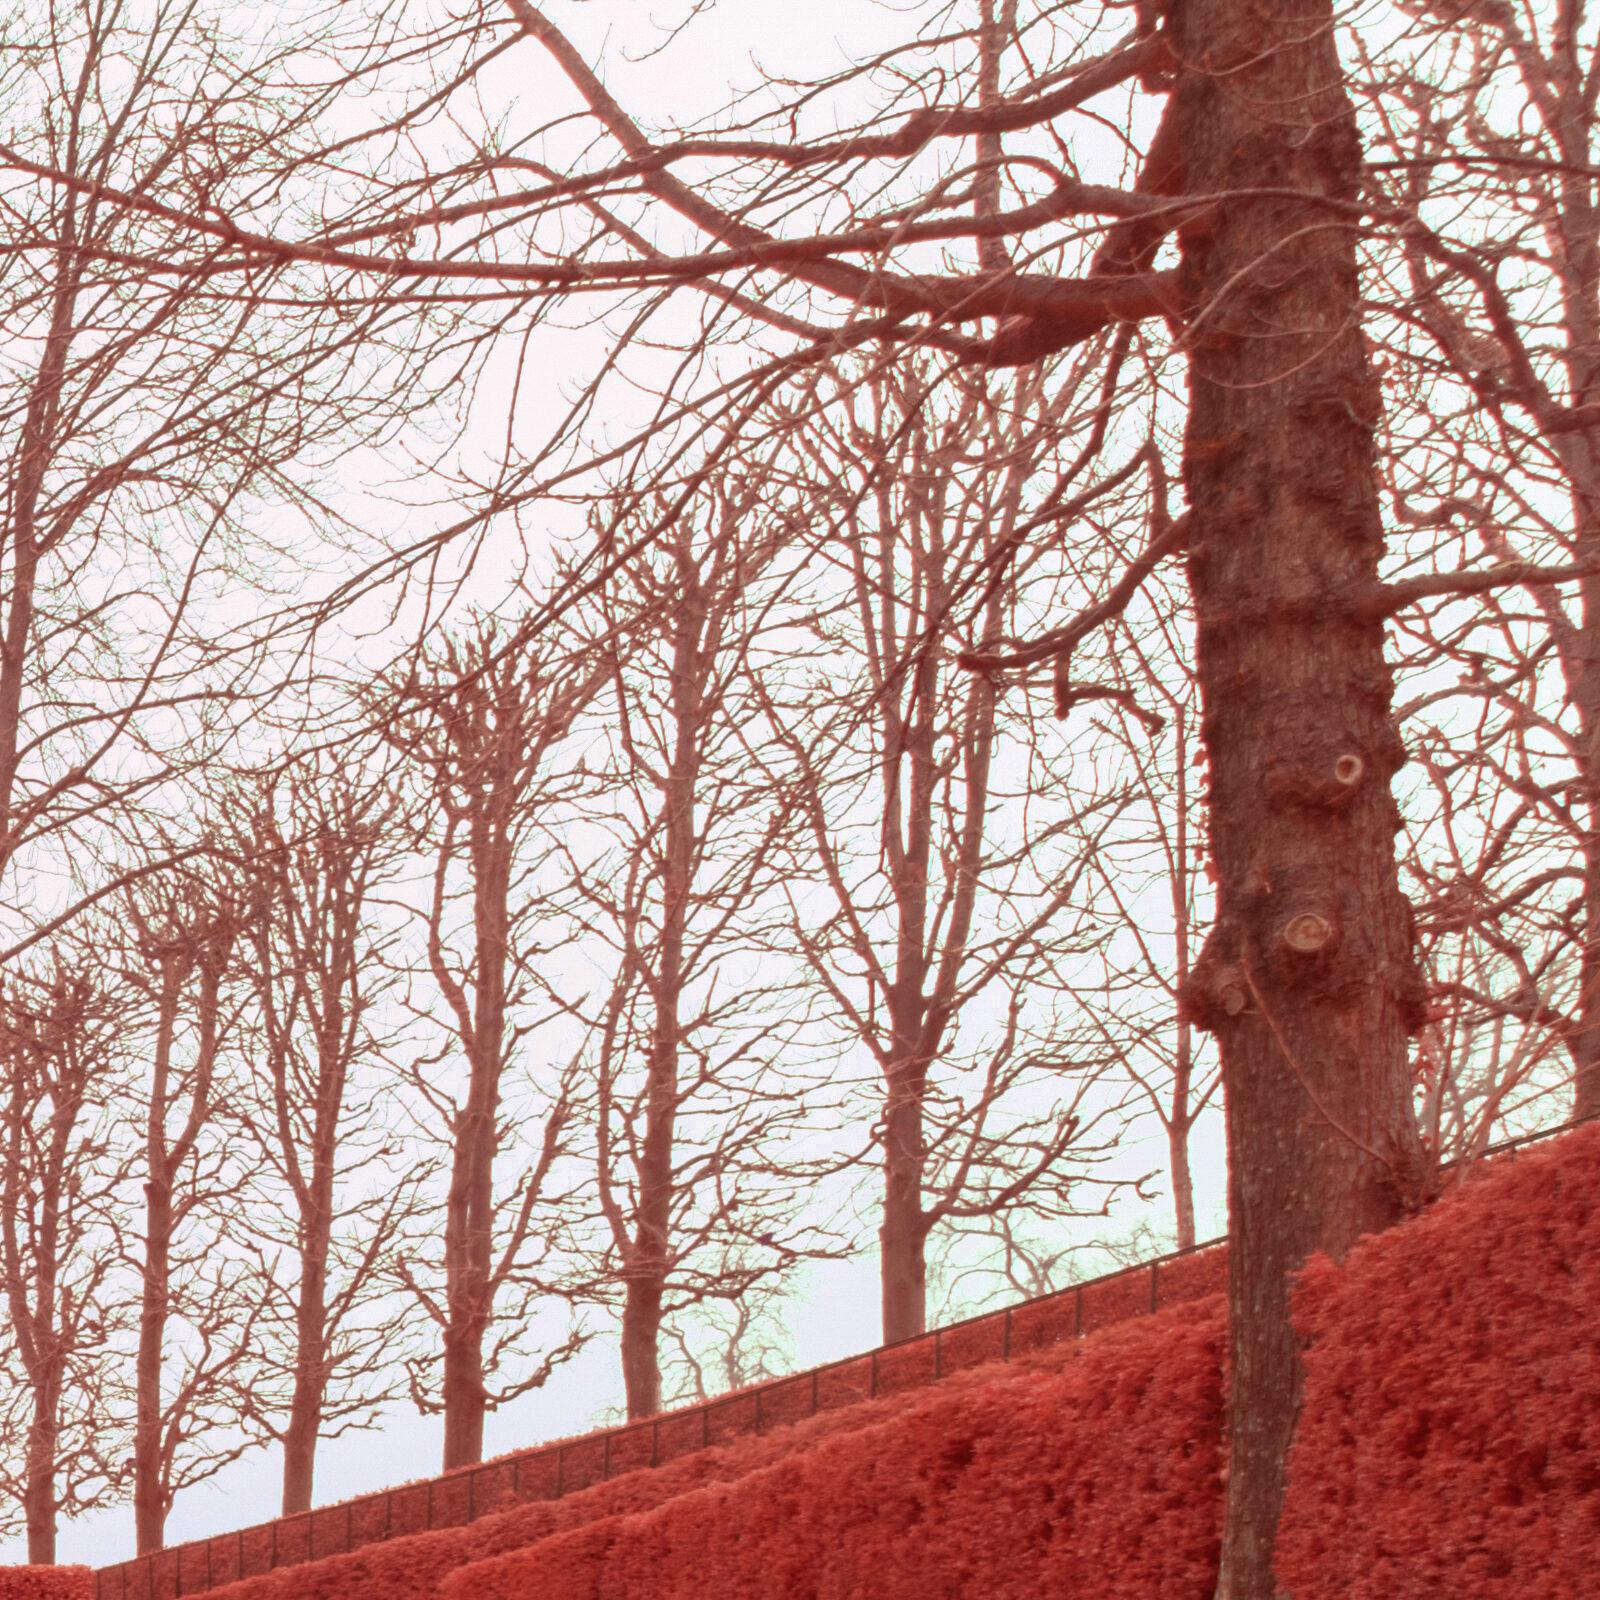 Canon 16 35 F4 L IS details global 500nm infrarouge 24mm details 7 | Pierre-Louis Ferrer | Test du Tamron SP 15-30mm f2.8 Di VC USD en photographie infrarouge | Partie 2